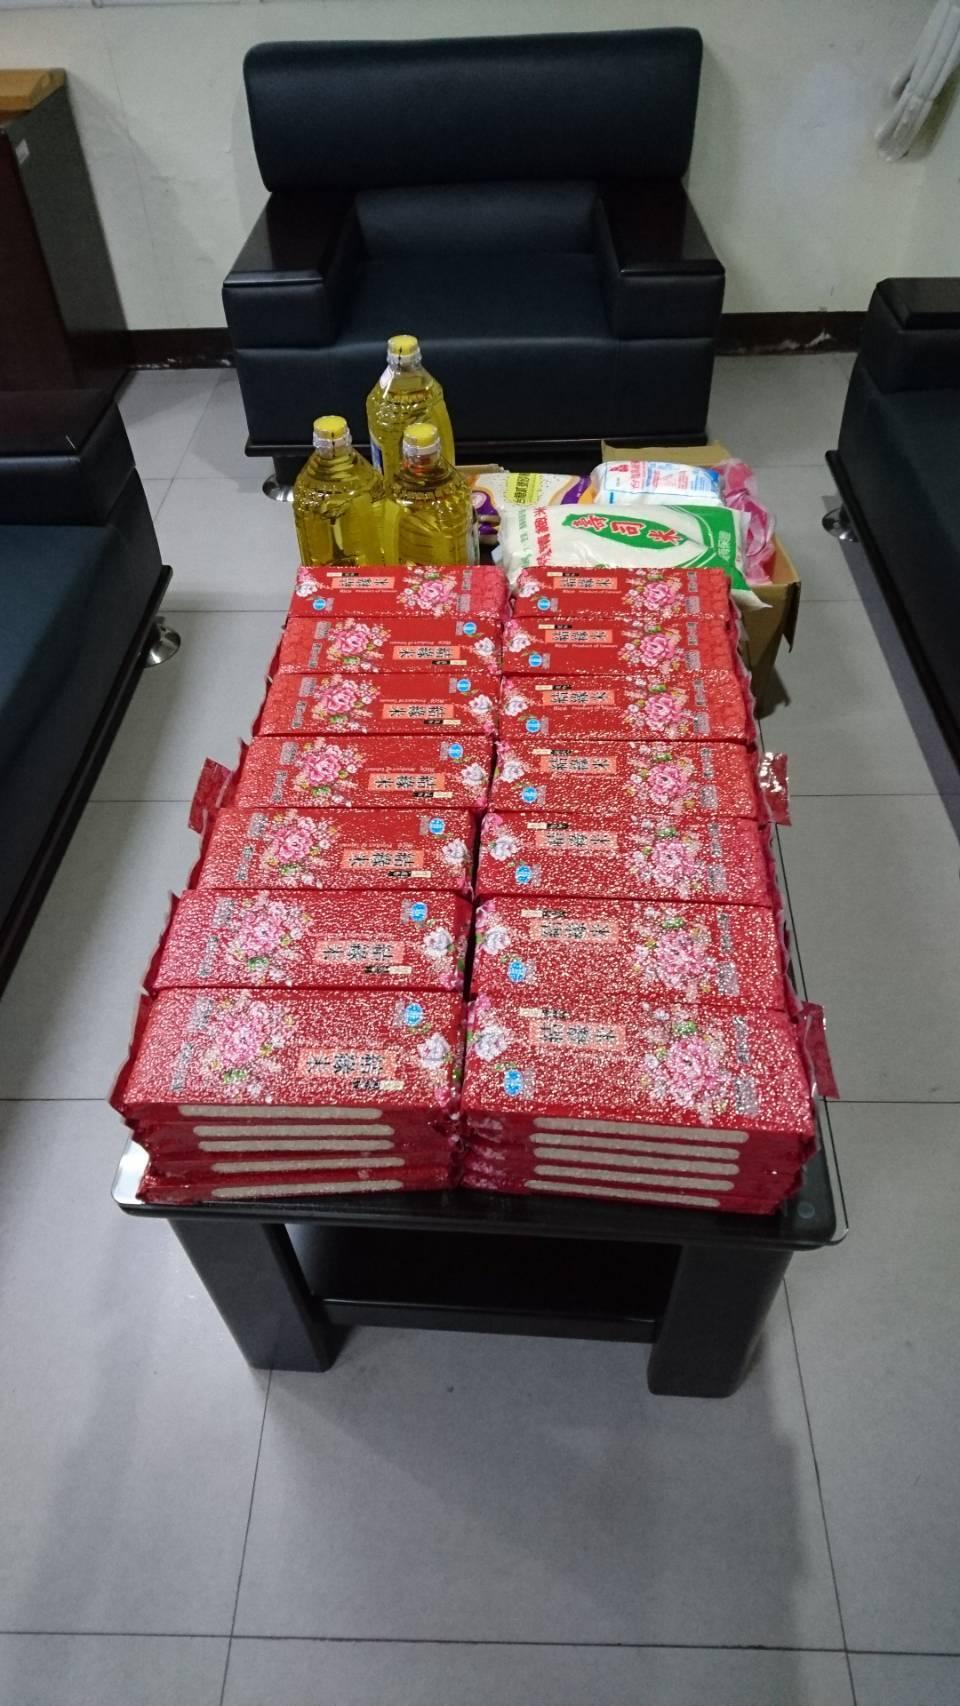 檢方調查村長參選人的賄選物品為一人一袋禮品,袋中有紅色的2包米、一罐2公升沙拉油...